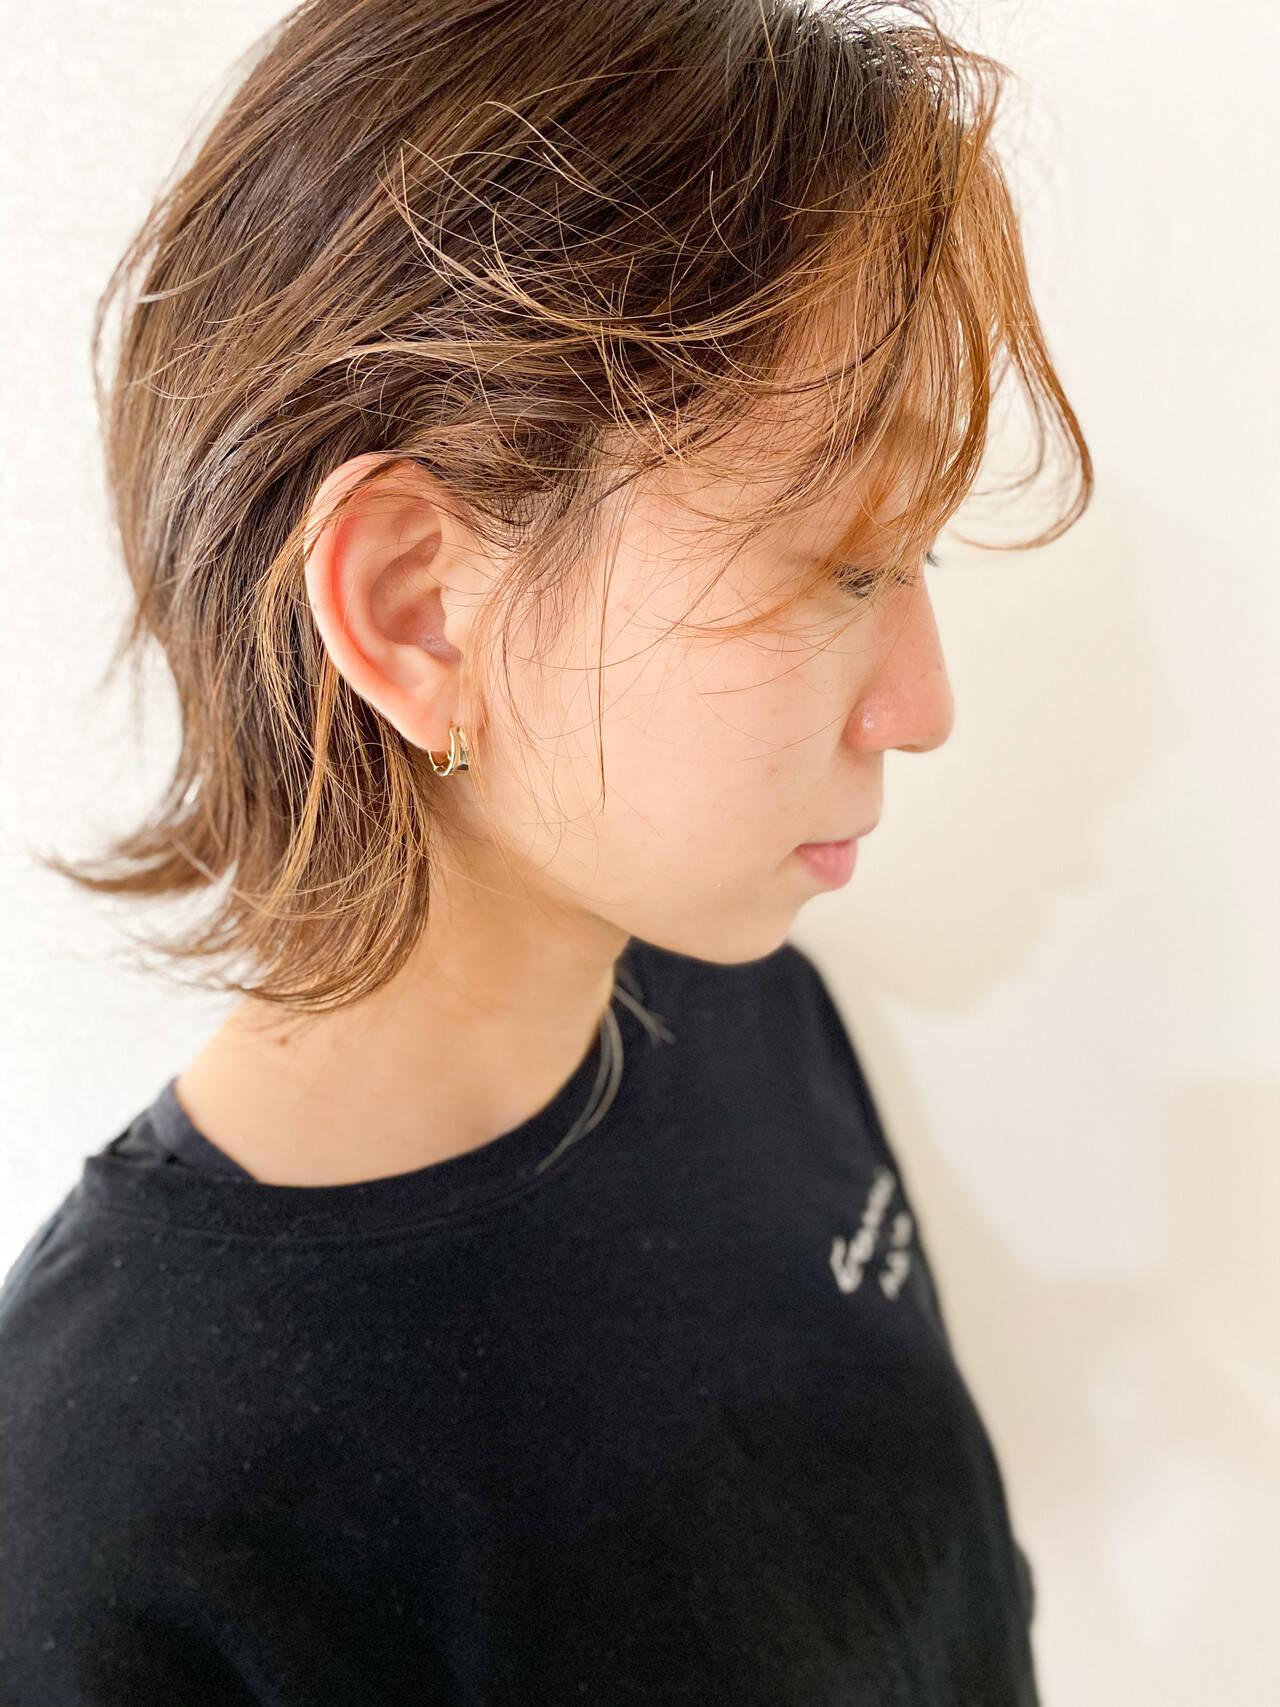 ウルフカット ブリーチ ショート マッシュウルフヘアスタイルや髪型の写真・画像